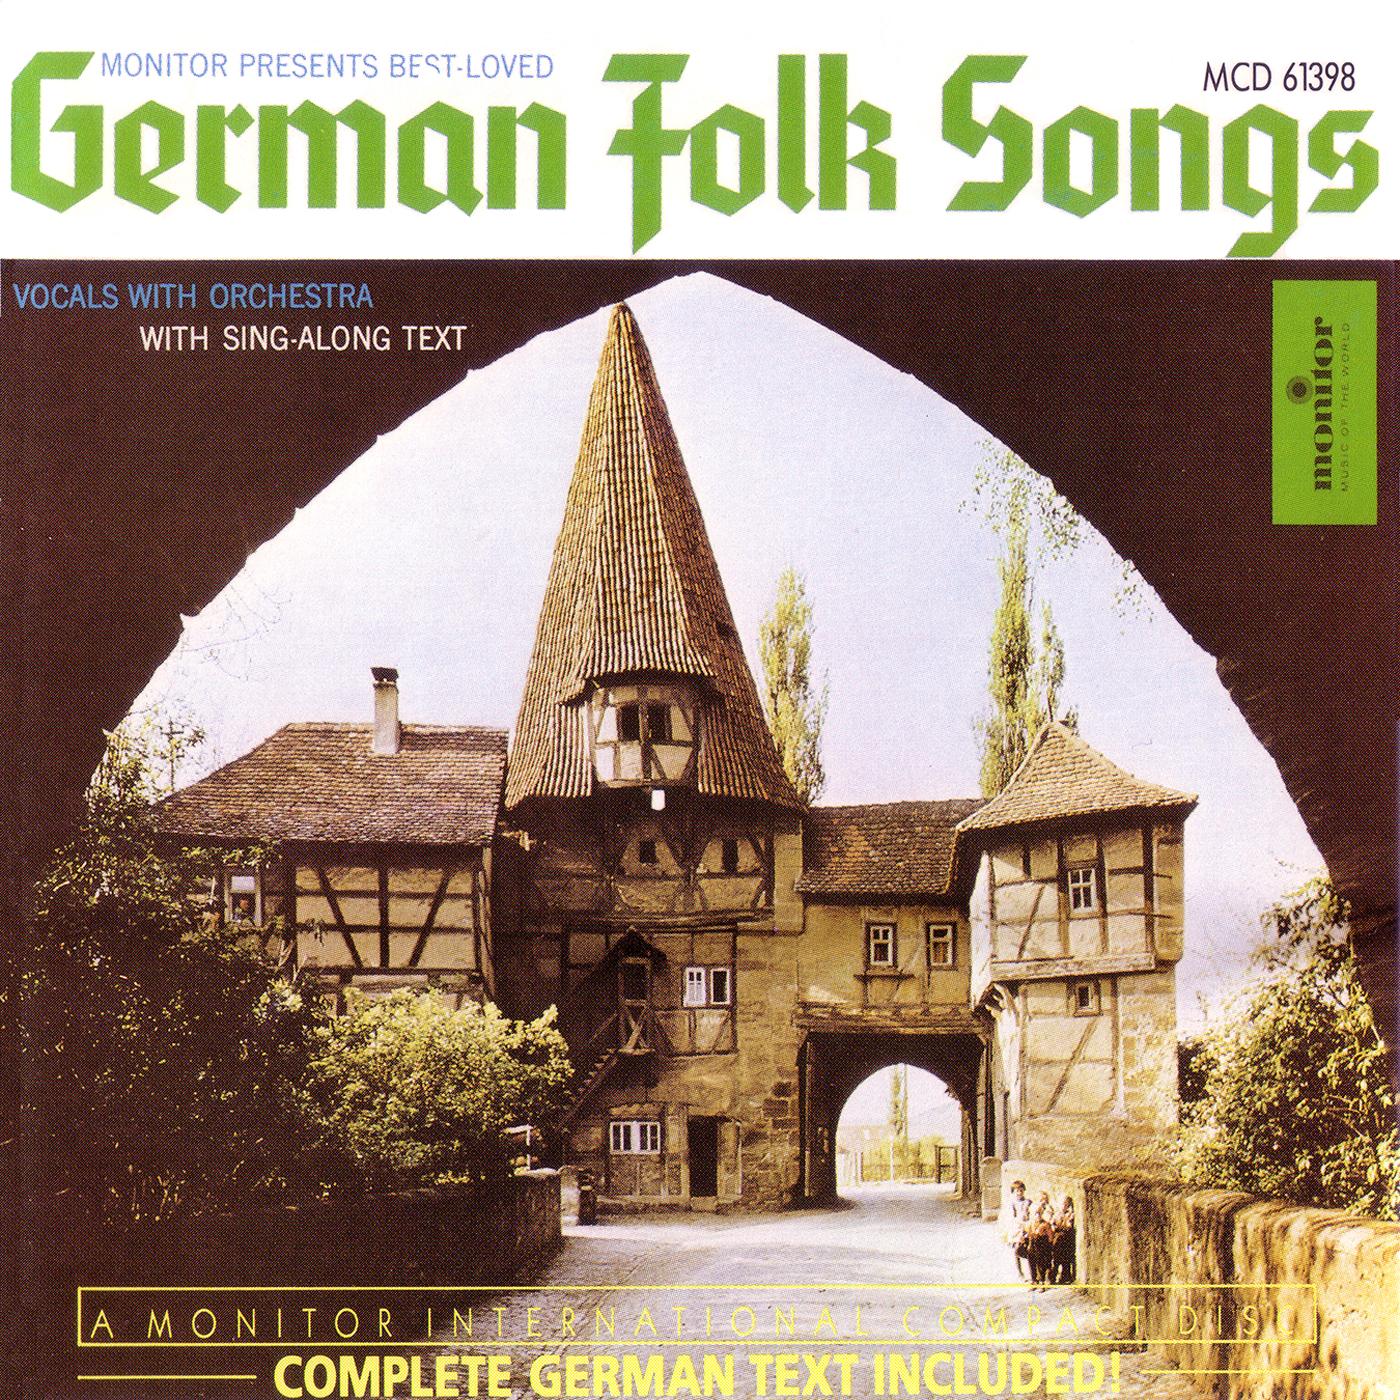 20 Best-Loved German Folk Songs | Smithsonian Folkways Recordings